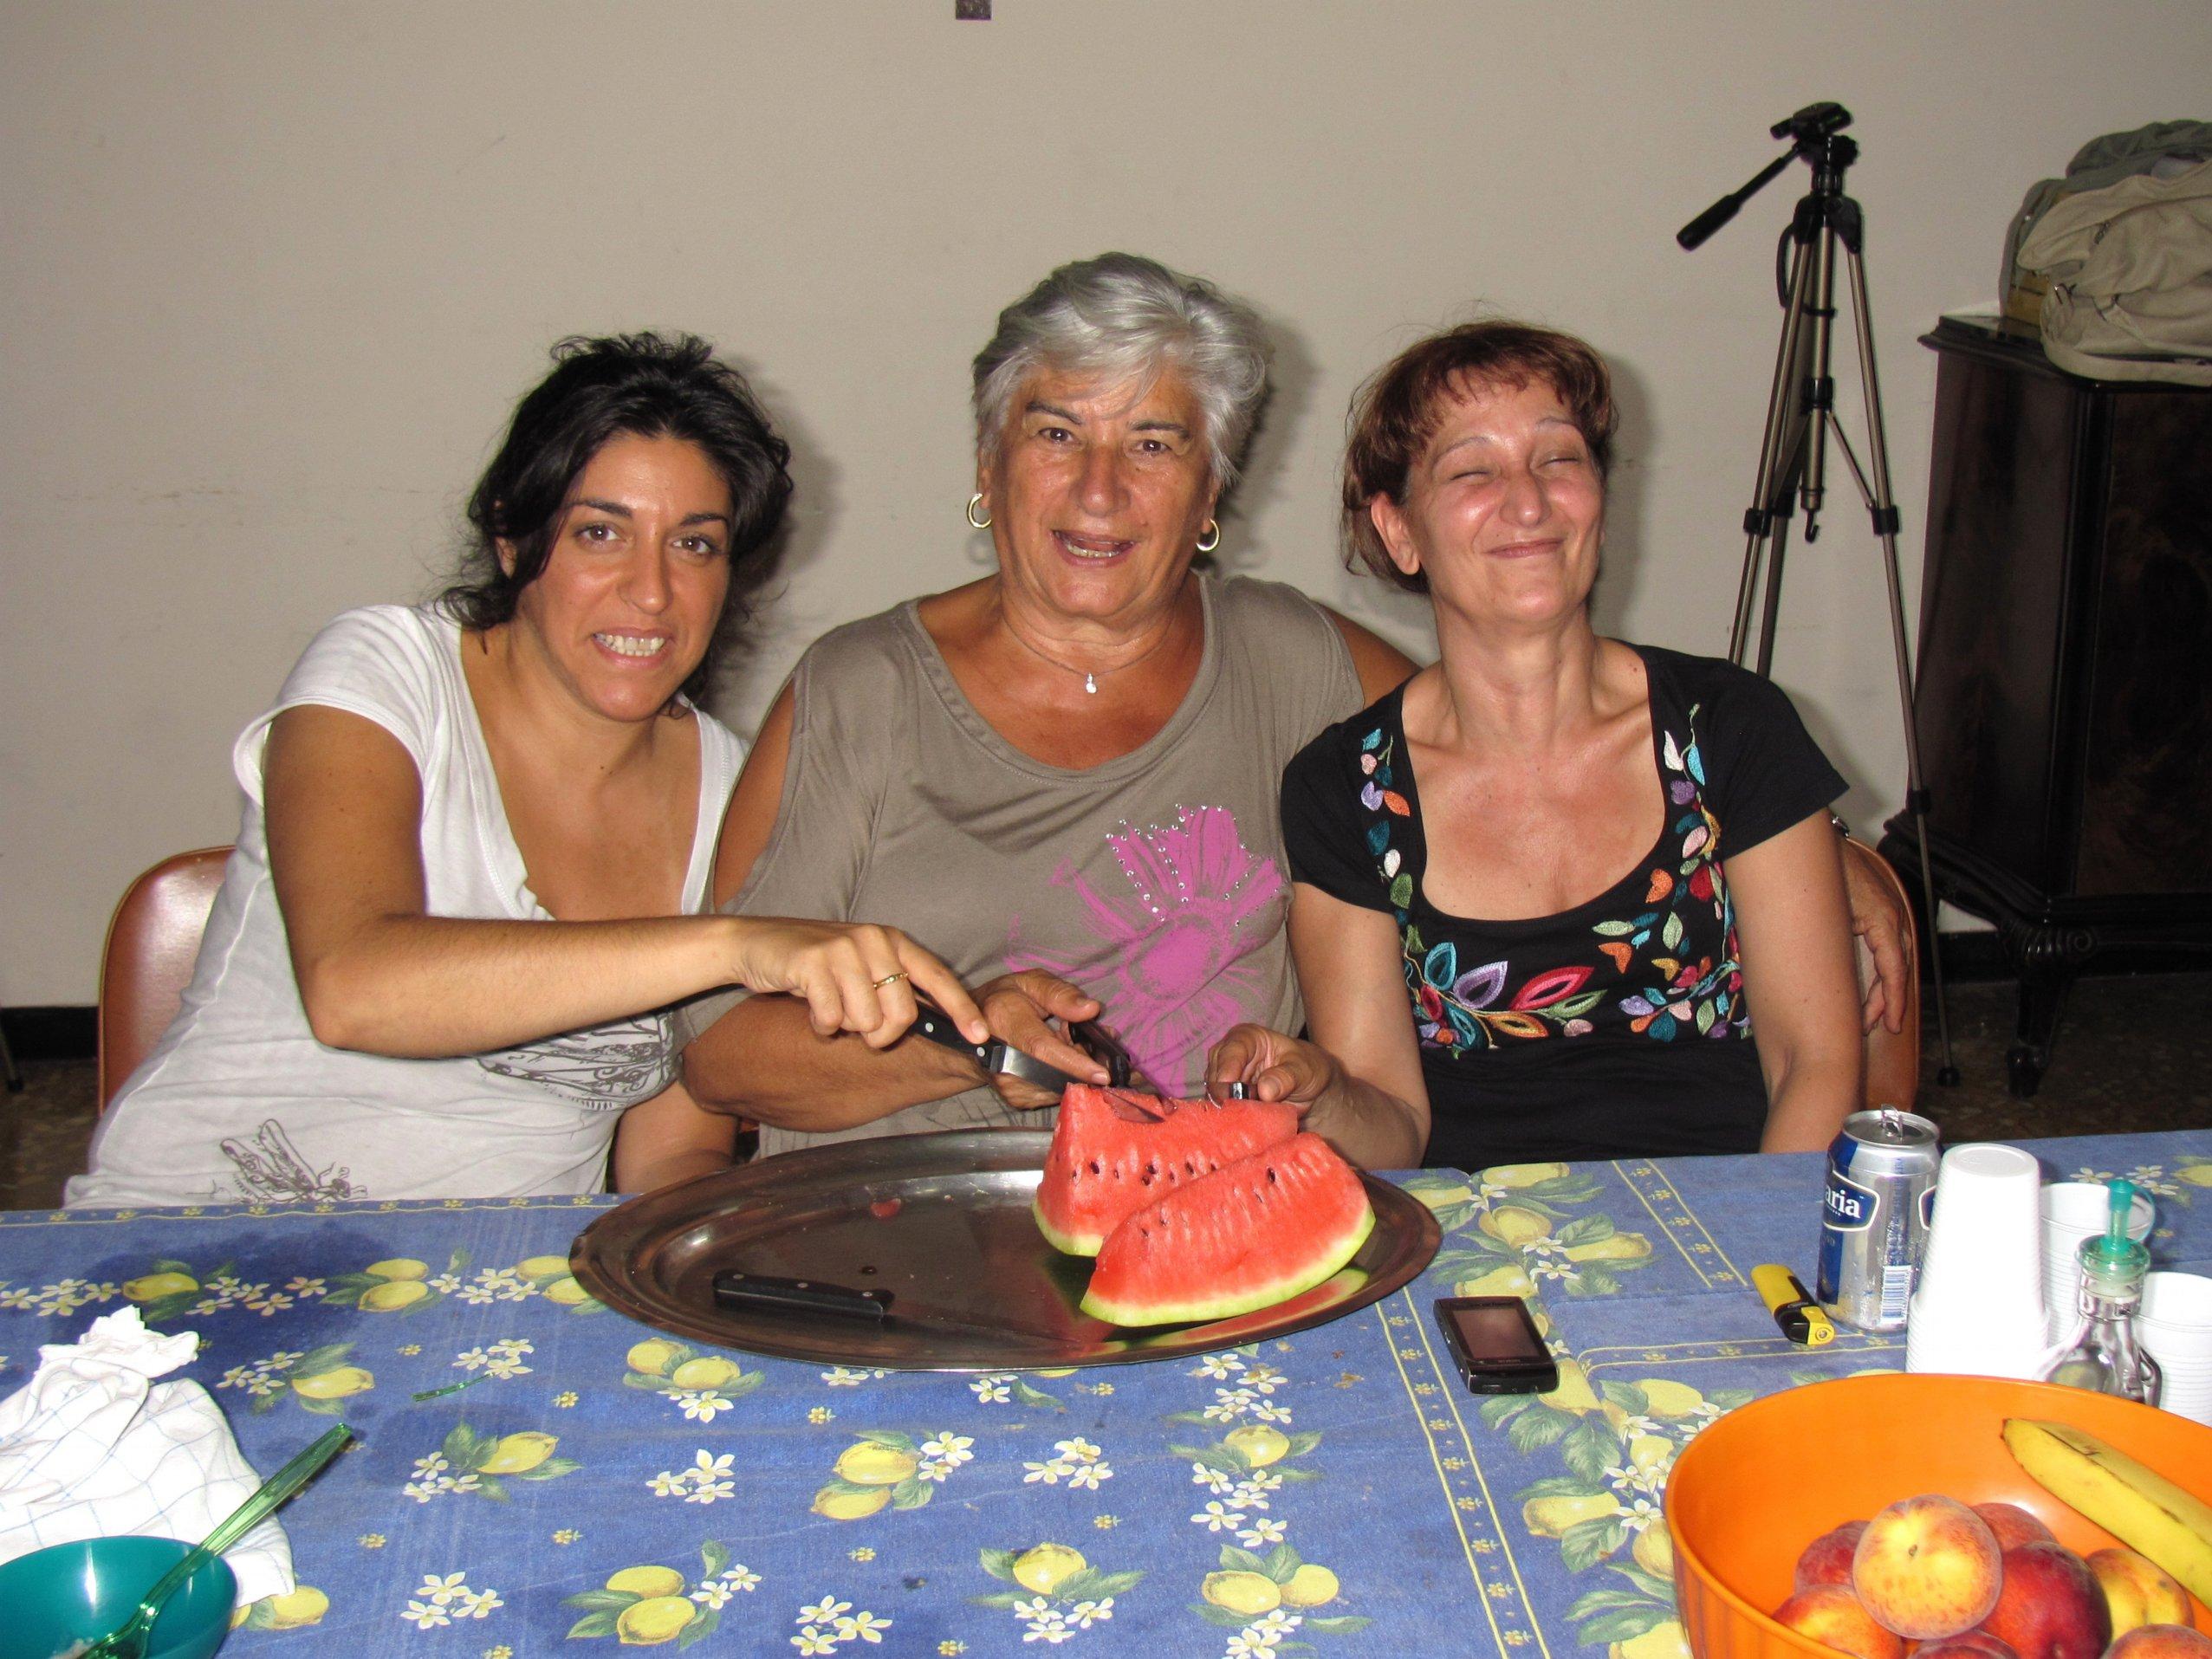 cena_gruppo_vangelo_2013-07-16-21-41-42